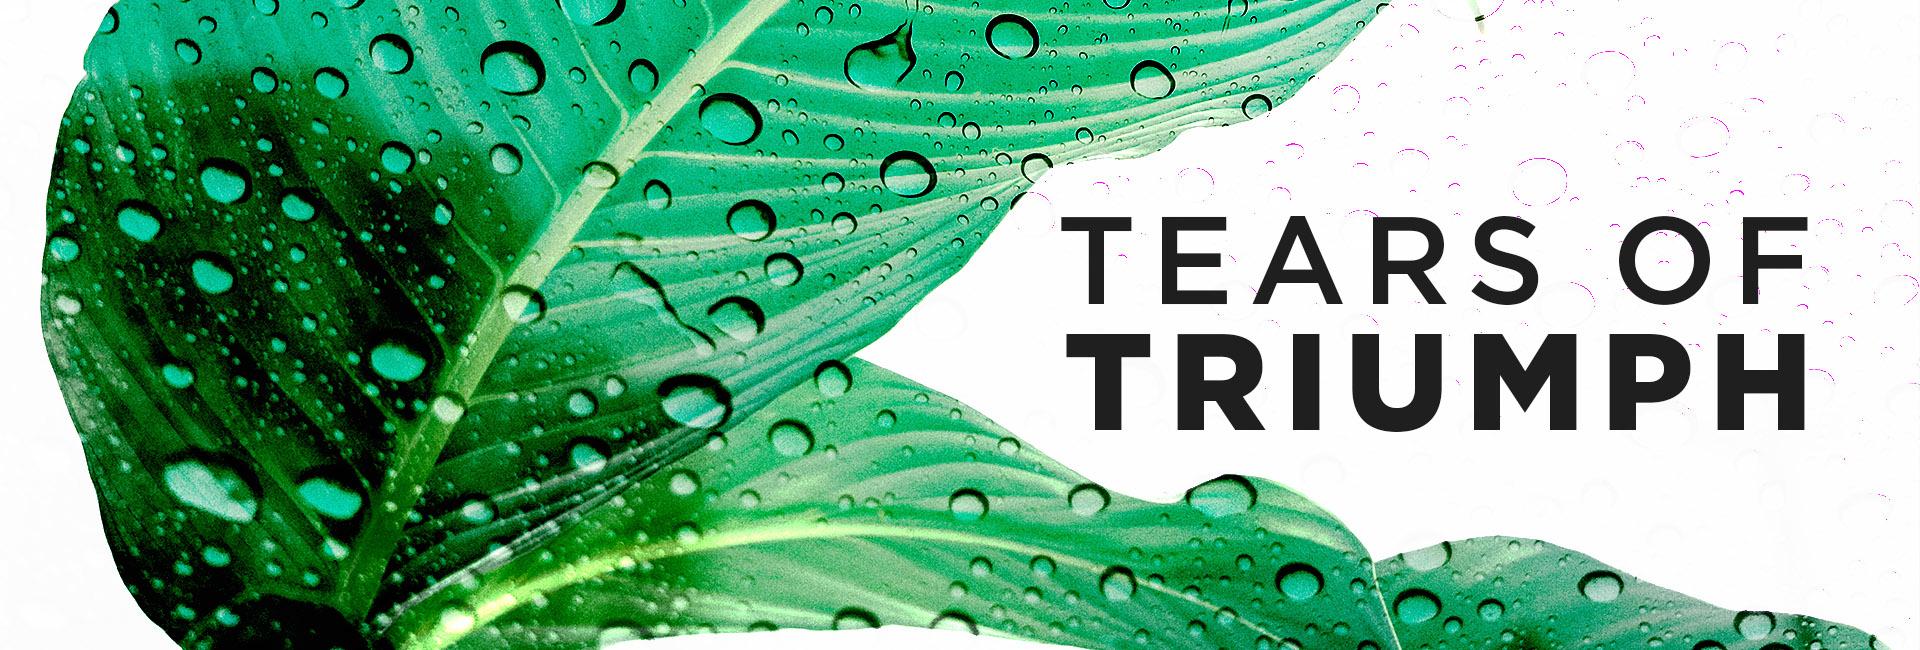 Trials, Tears & Triumph